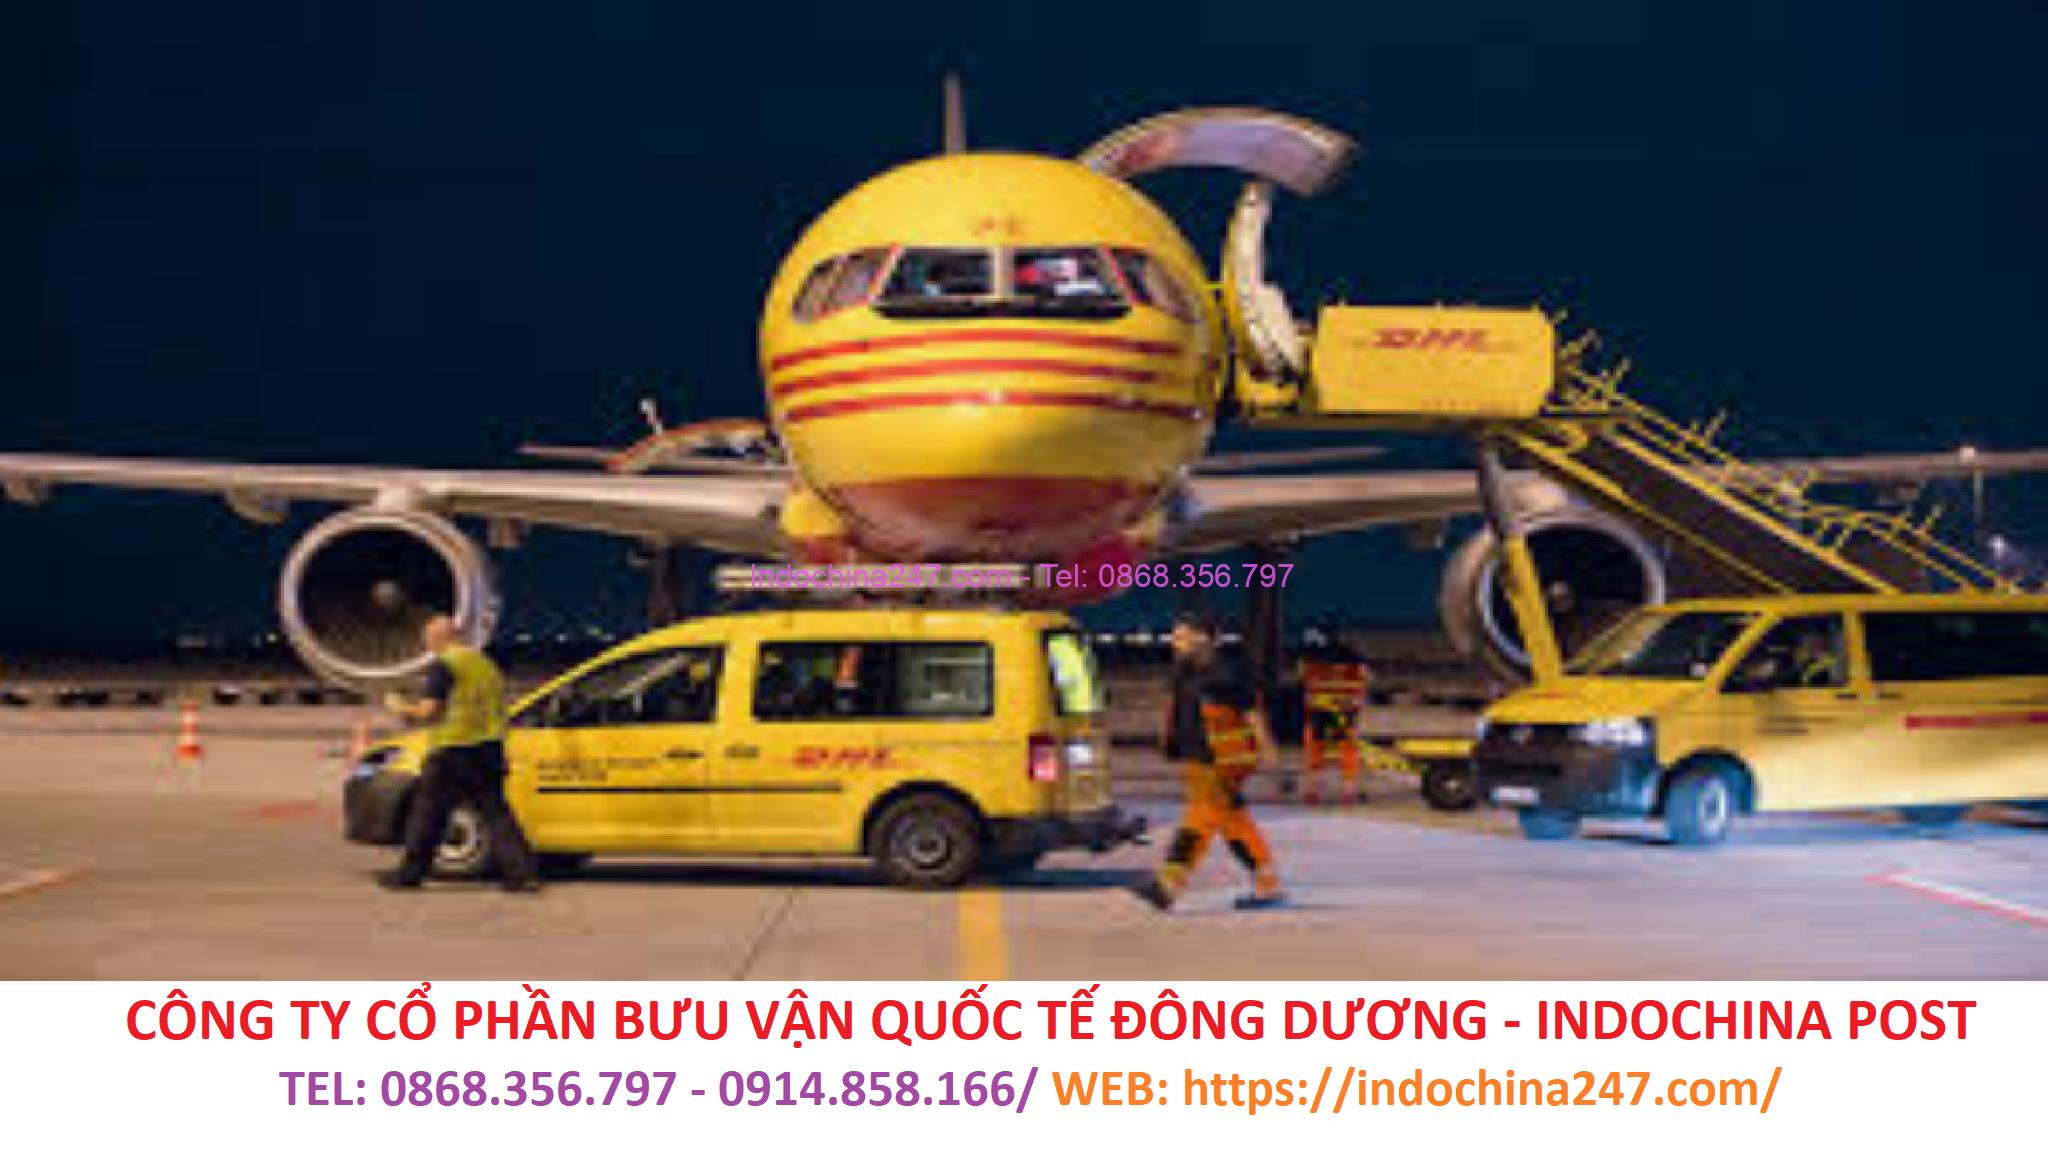 Dịch vụ chuyển phát nhanh từ Hà Nội đi Mỹ